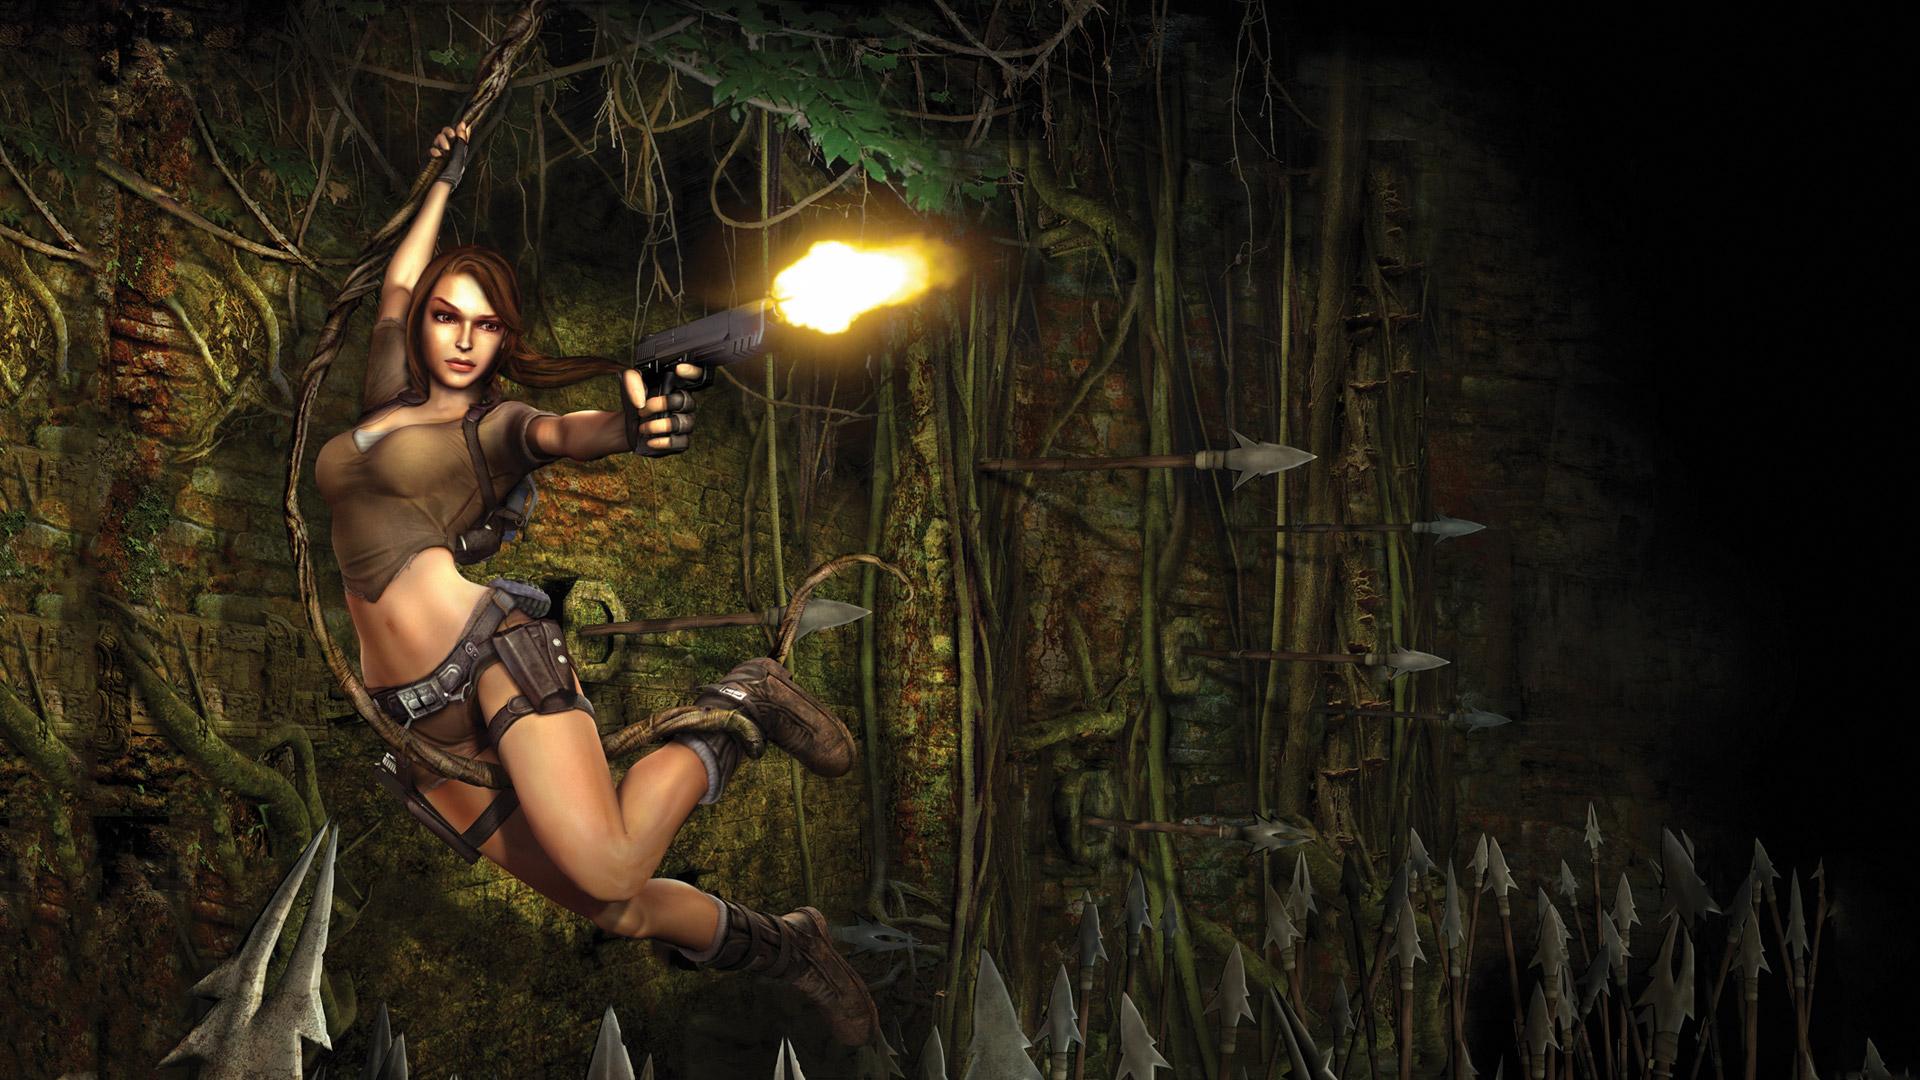 Free Tomb Raider: Legend Wallpaper in 1920x1080